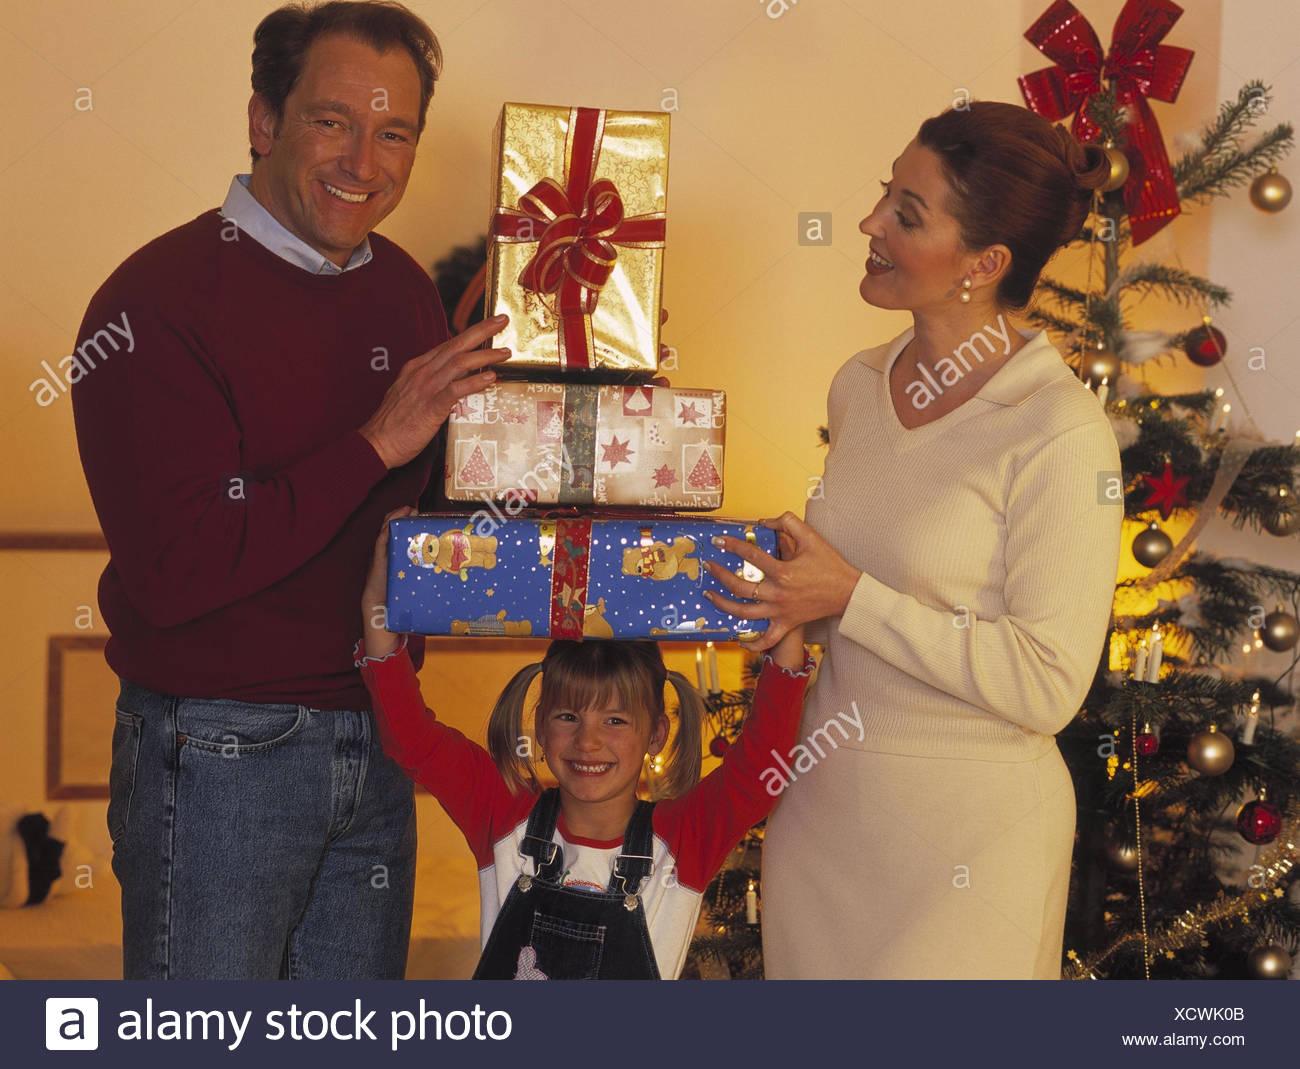 Regali Di Natale Famiglia.Natale Famiglia Regali Di Natale Felicemente La Vigilia Di Natale